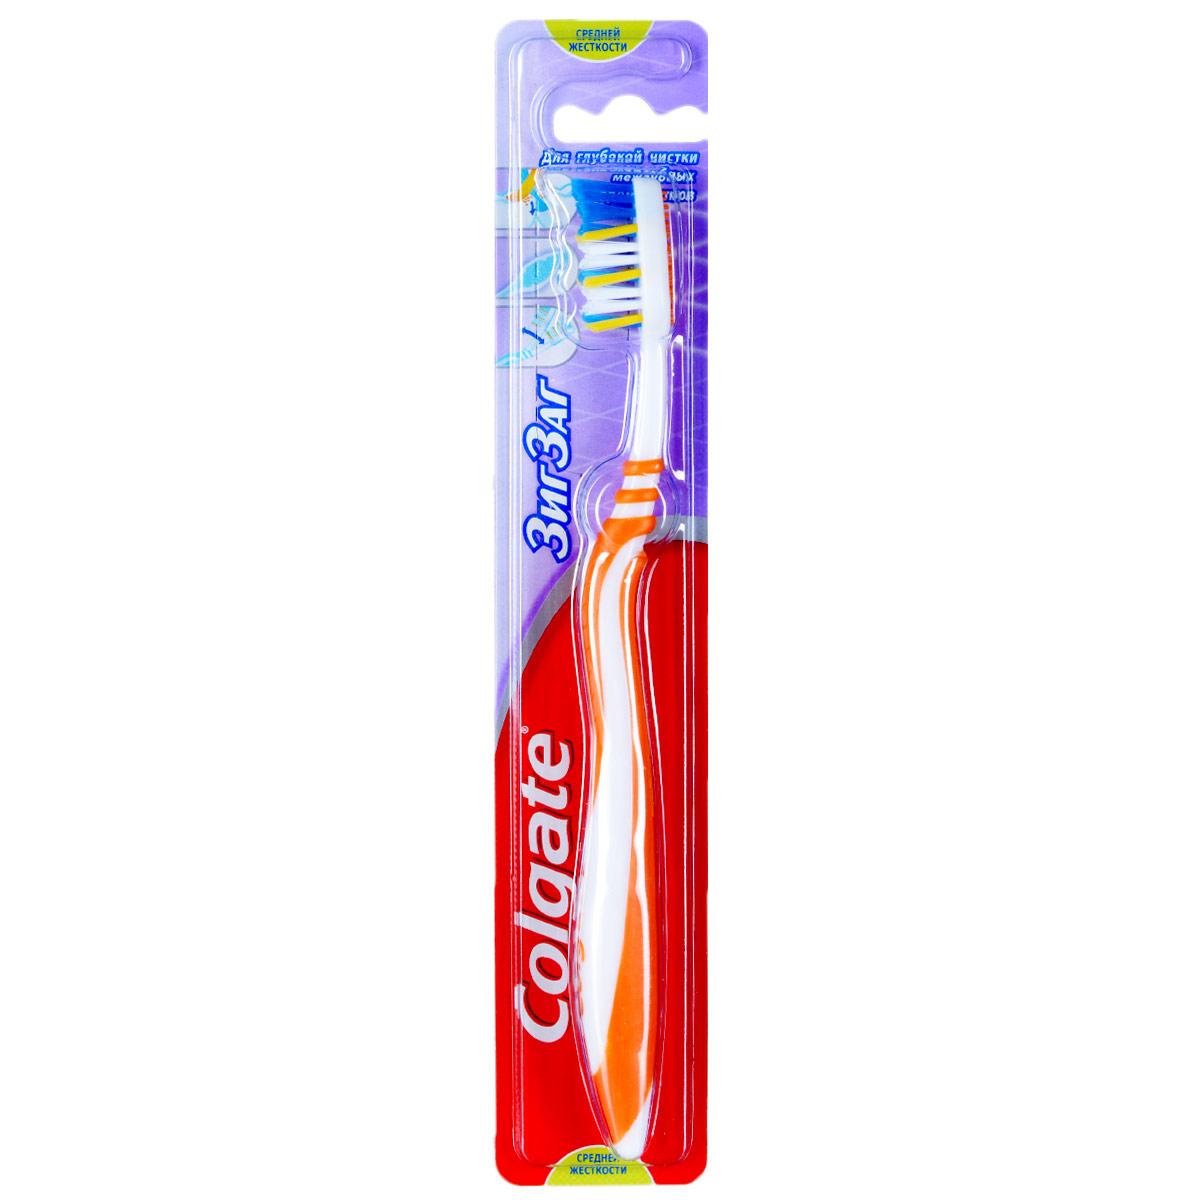 Colgate Зубная щетка Зиг-Заг, средней жесткости, цвет: оранжевыйFVN50537/FCN21278_оранжевыйColgate Зиг-Заг - зубная щетка средней жесткости. Перекрещивающиеся щетинки позволяют проникать щетке в межзубные пространства, а также легко массируют десна. Мягкая подушечка для чистки языка, помогает удалять бактерии, вызывающие неприятный запах изо рта. Гибкая прорезиненная рифленая ручка не скользит в ладони, амортизирует давление руки на нежную поверхность десен.Материал щетки: пластикТовар сертифицирован.